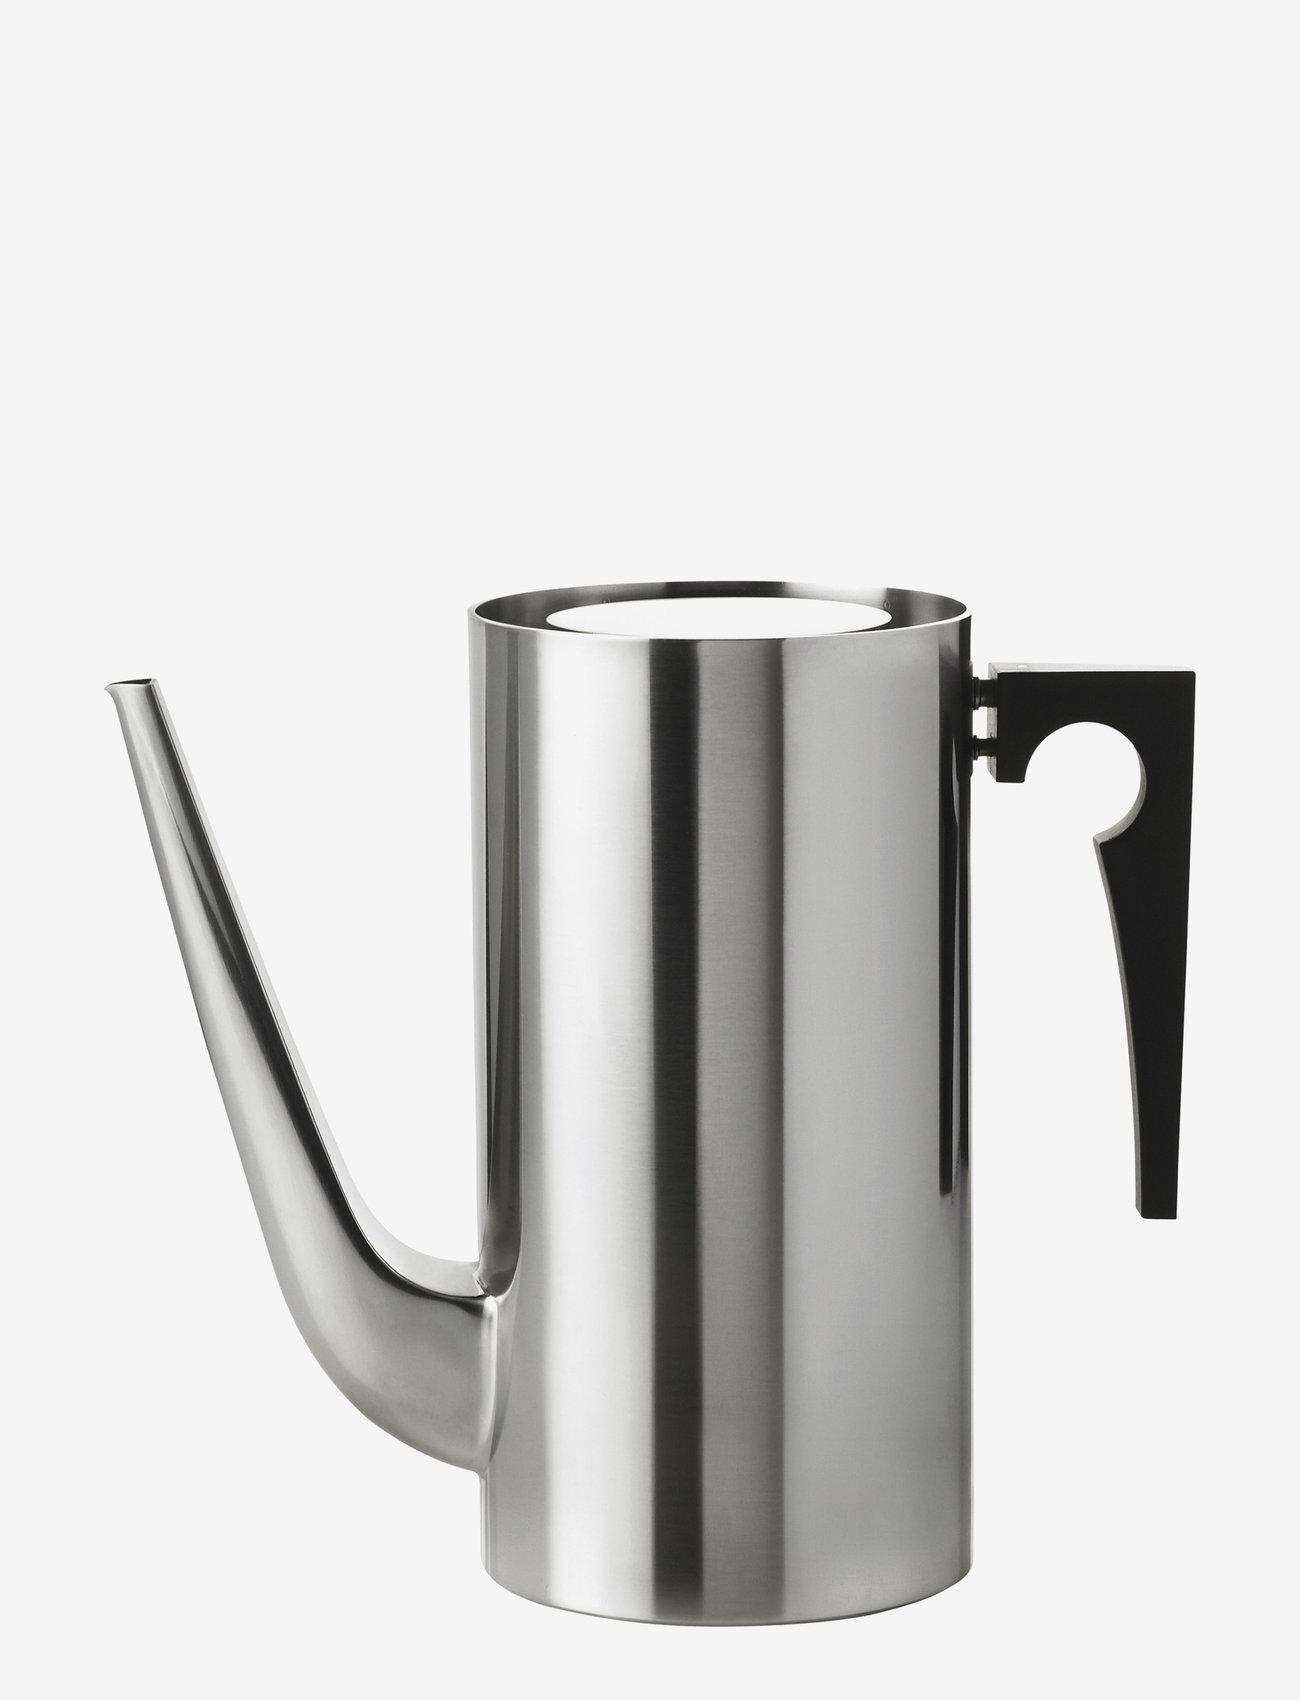 Stelton - AJ coffee pot - 1.5 l. - kannut & karahvit - steel - 1